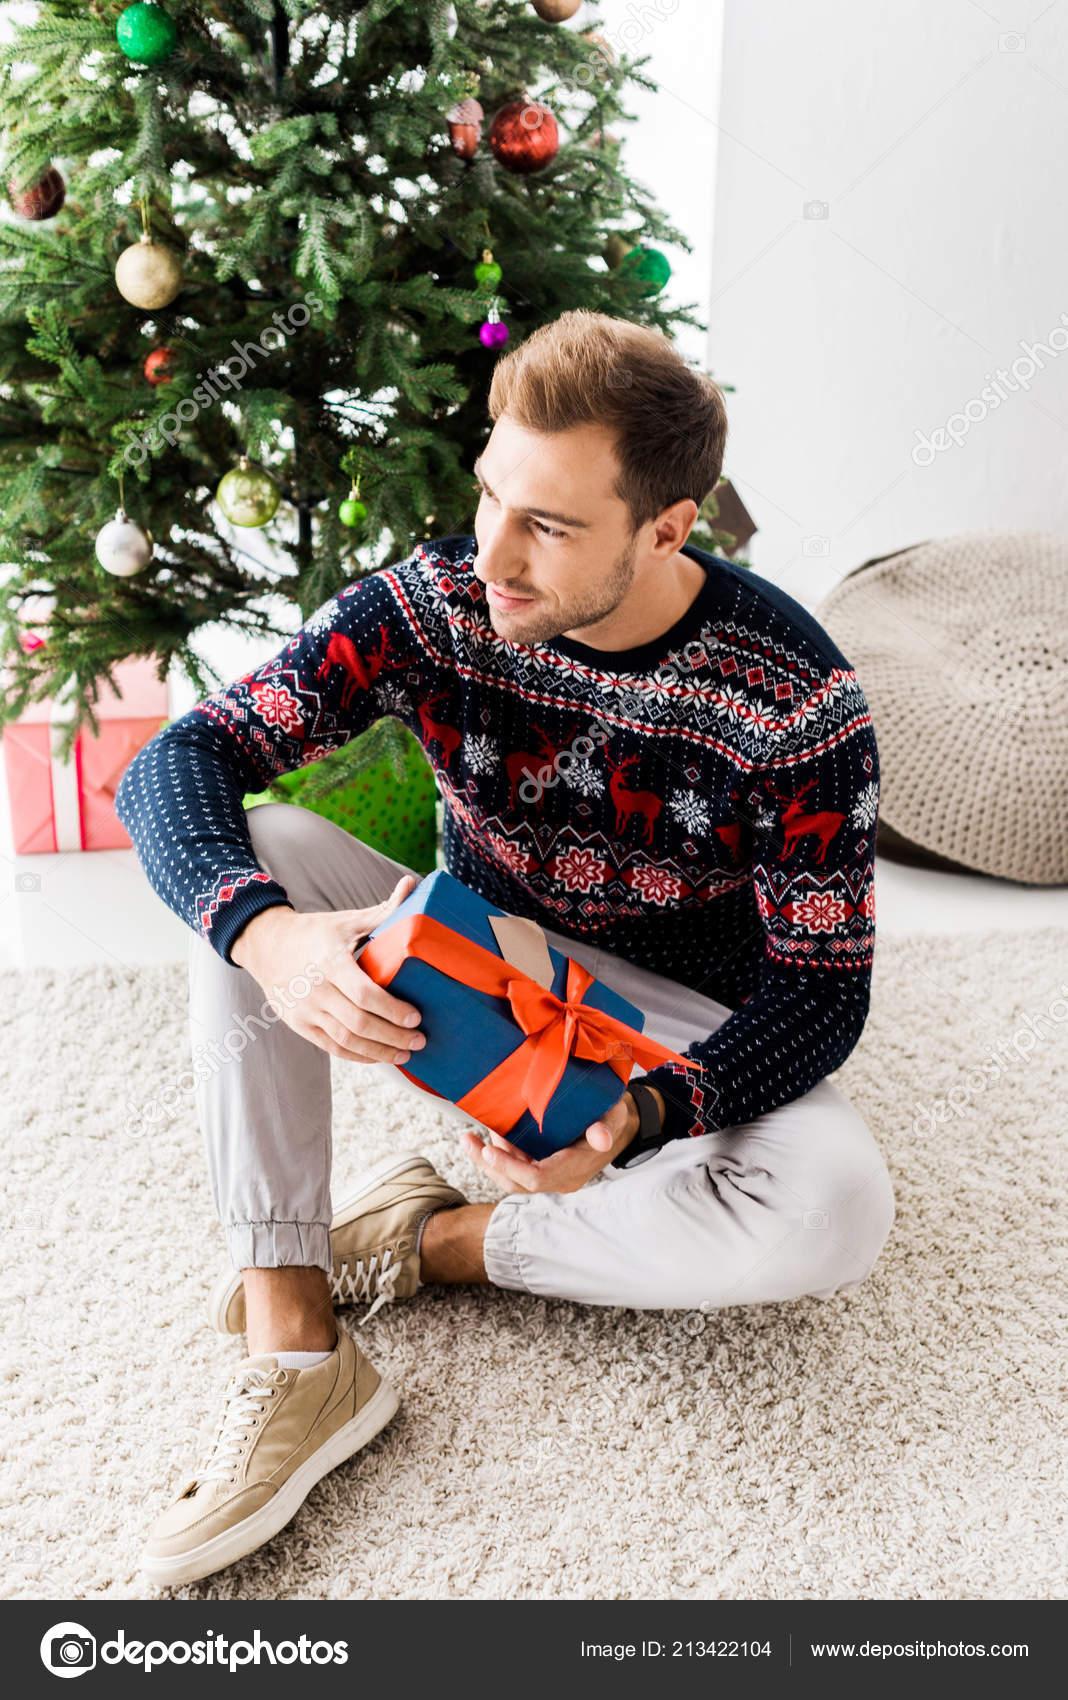 Kersttrui Man.Man Kerst Trui Met Luxe Geschenketui Zittend Beige Tapijt